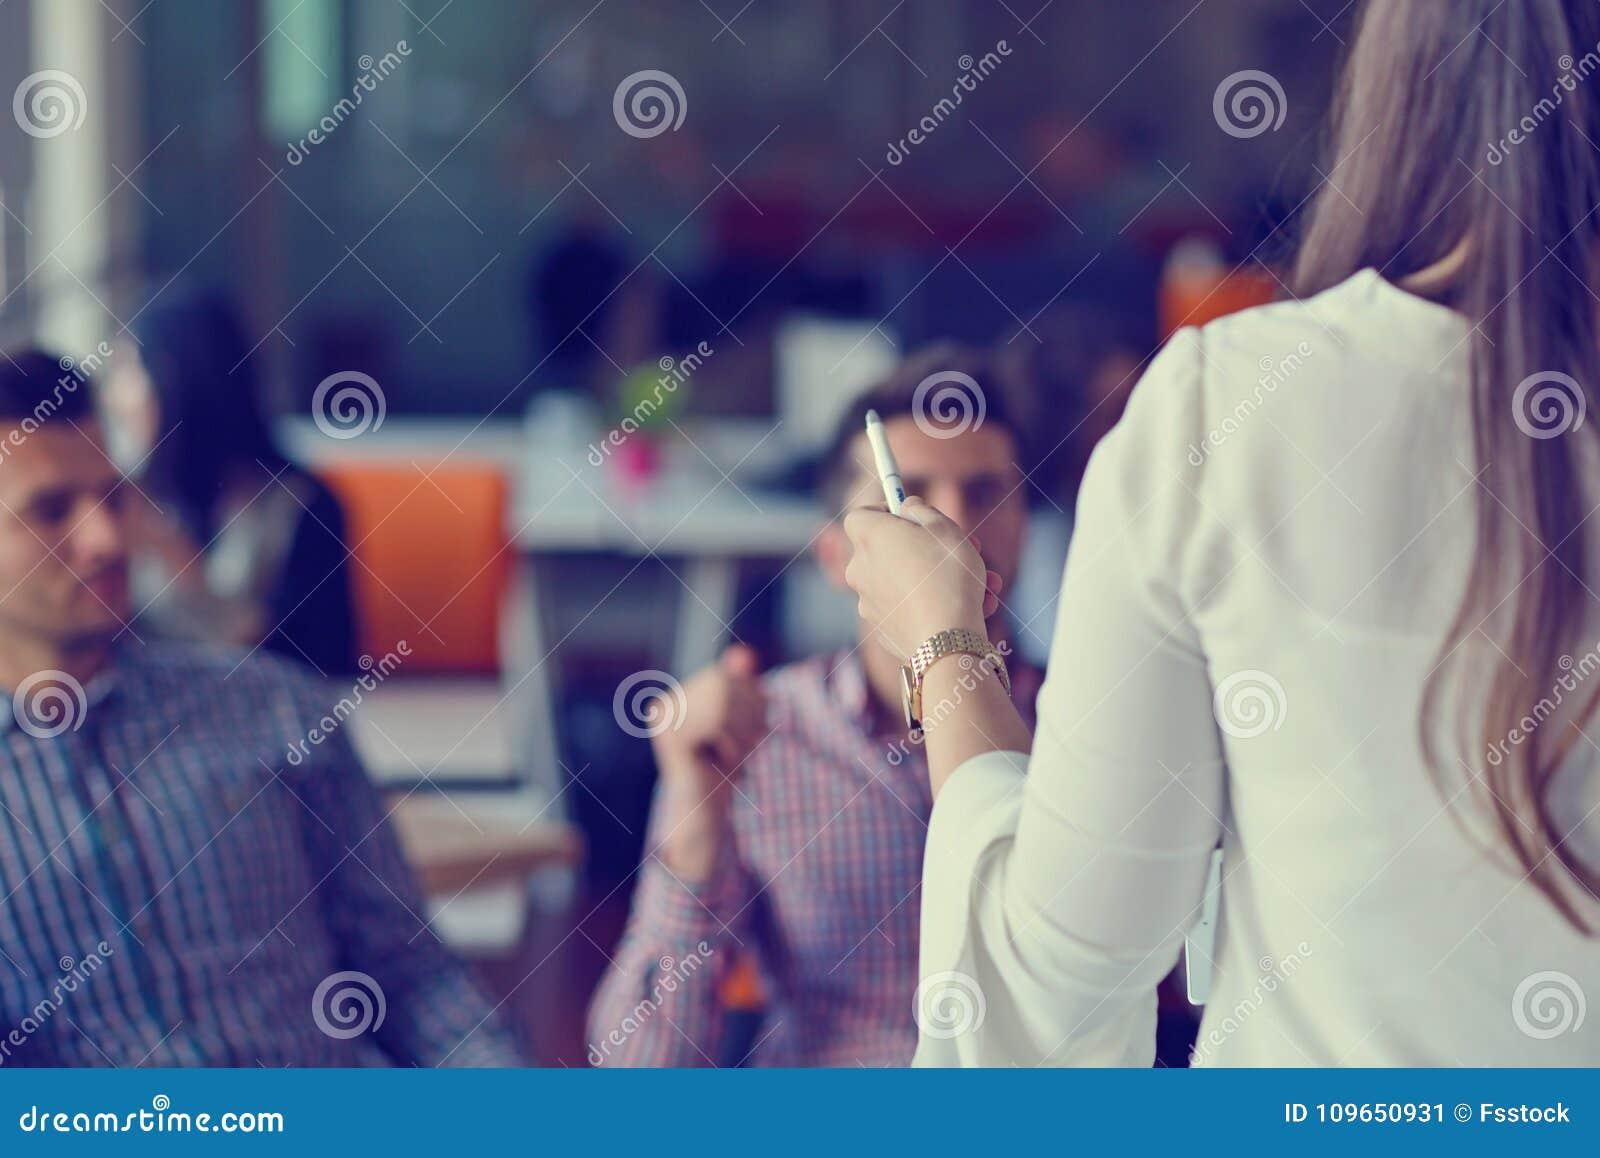 做出巨大商业决策的小组年轻工友 创造性的队讨论公司工作概念现代办公室